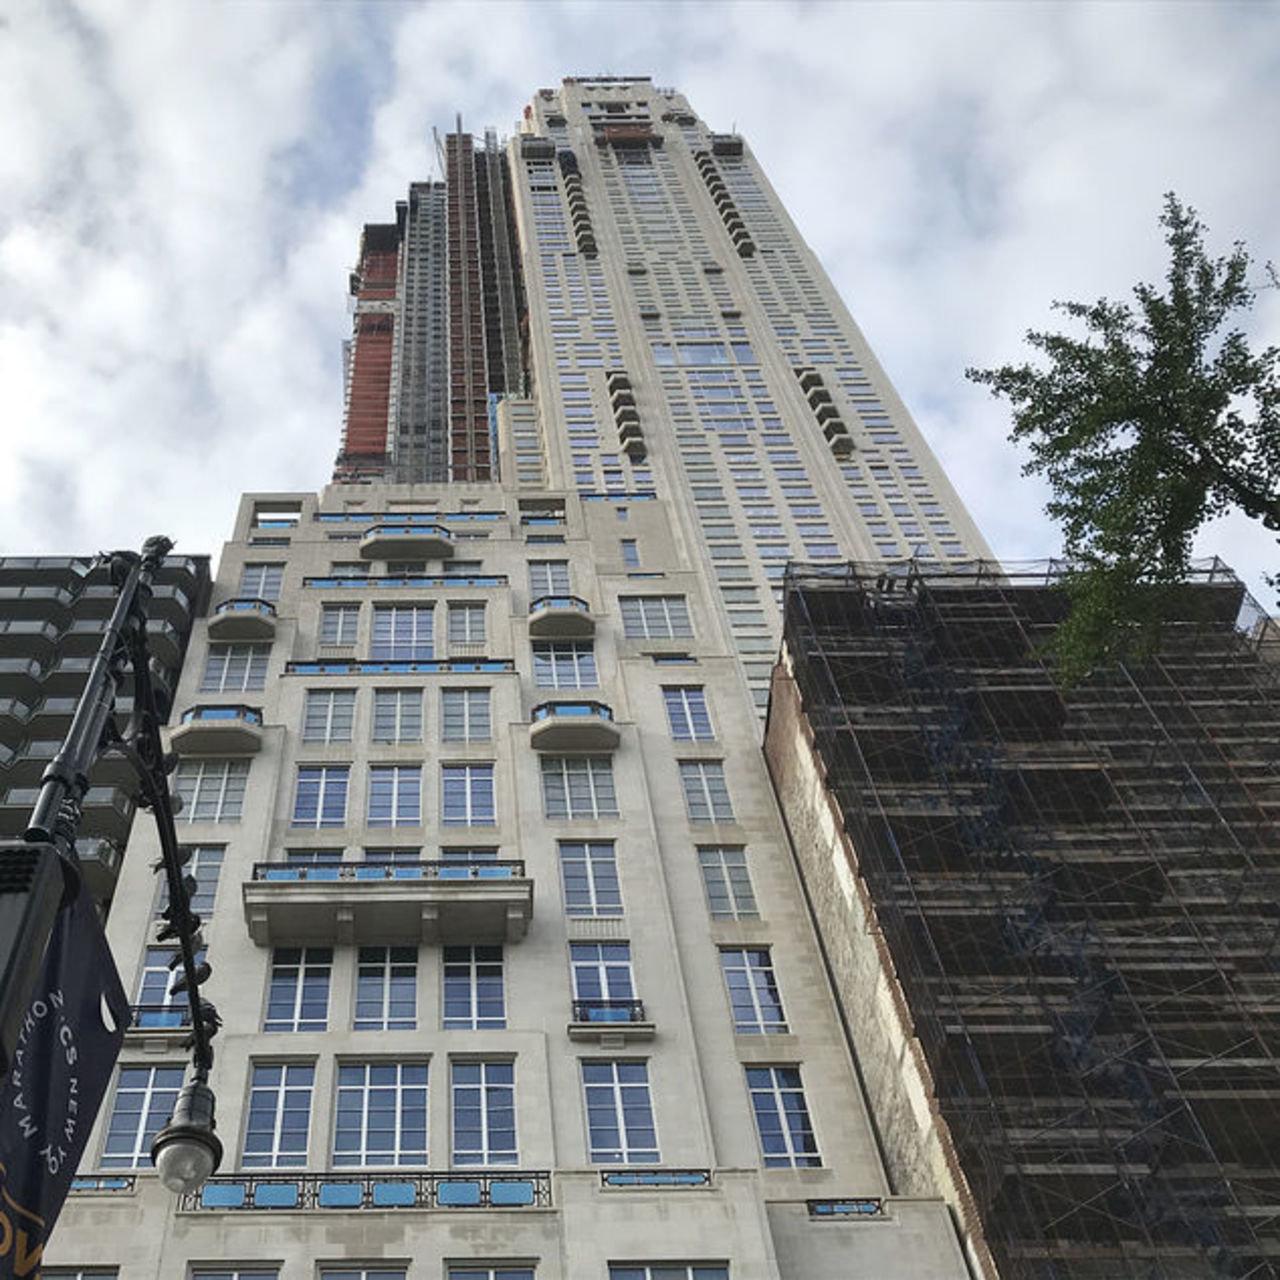 这套顶层公寓位于中央公园南220号。该楼盘由罗伯特·斯特恩建筑事务所操刀设计,目前尚未竣工。